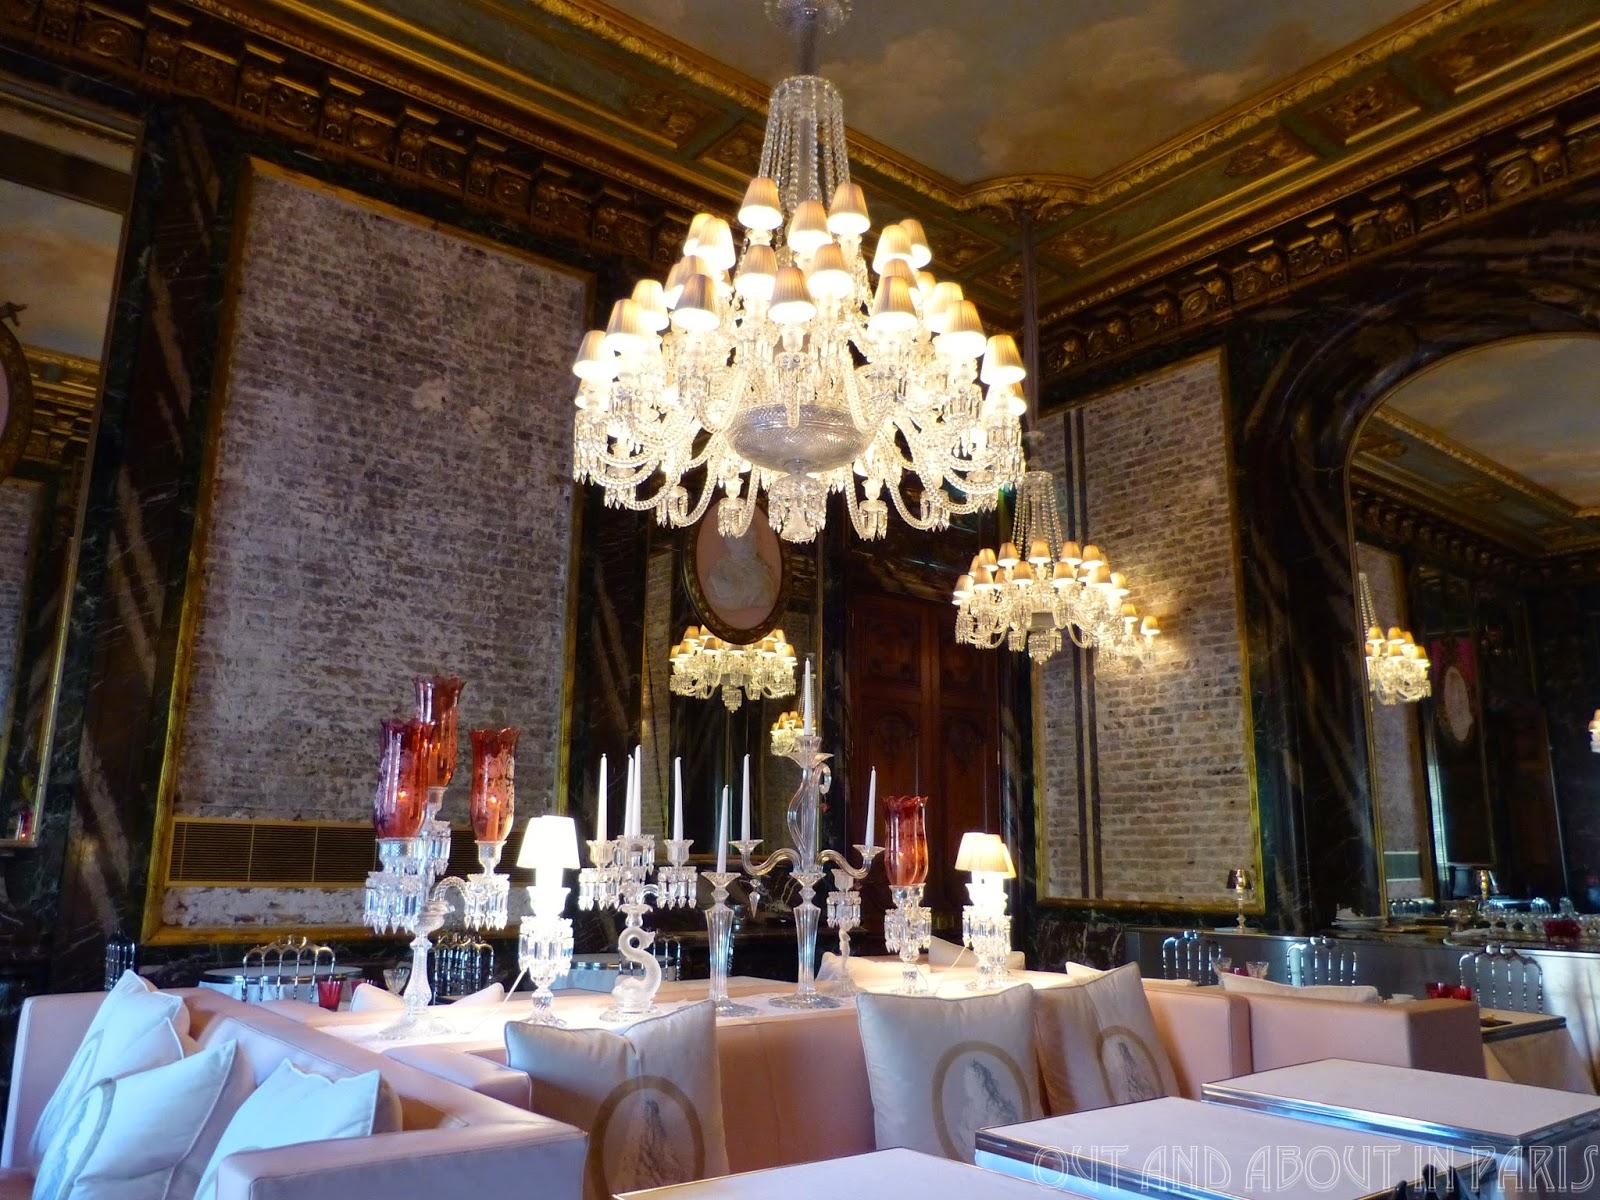 noël restaurant enfants paris 11